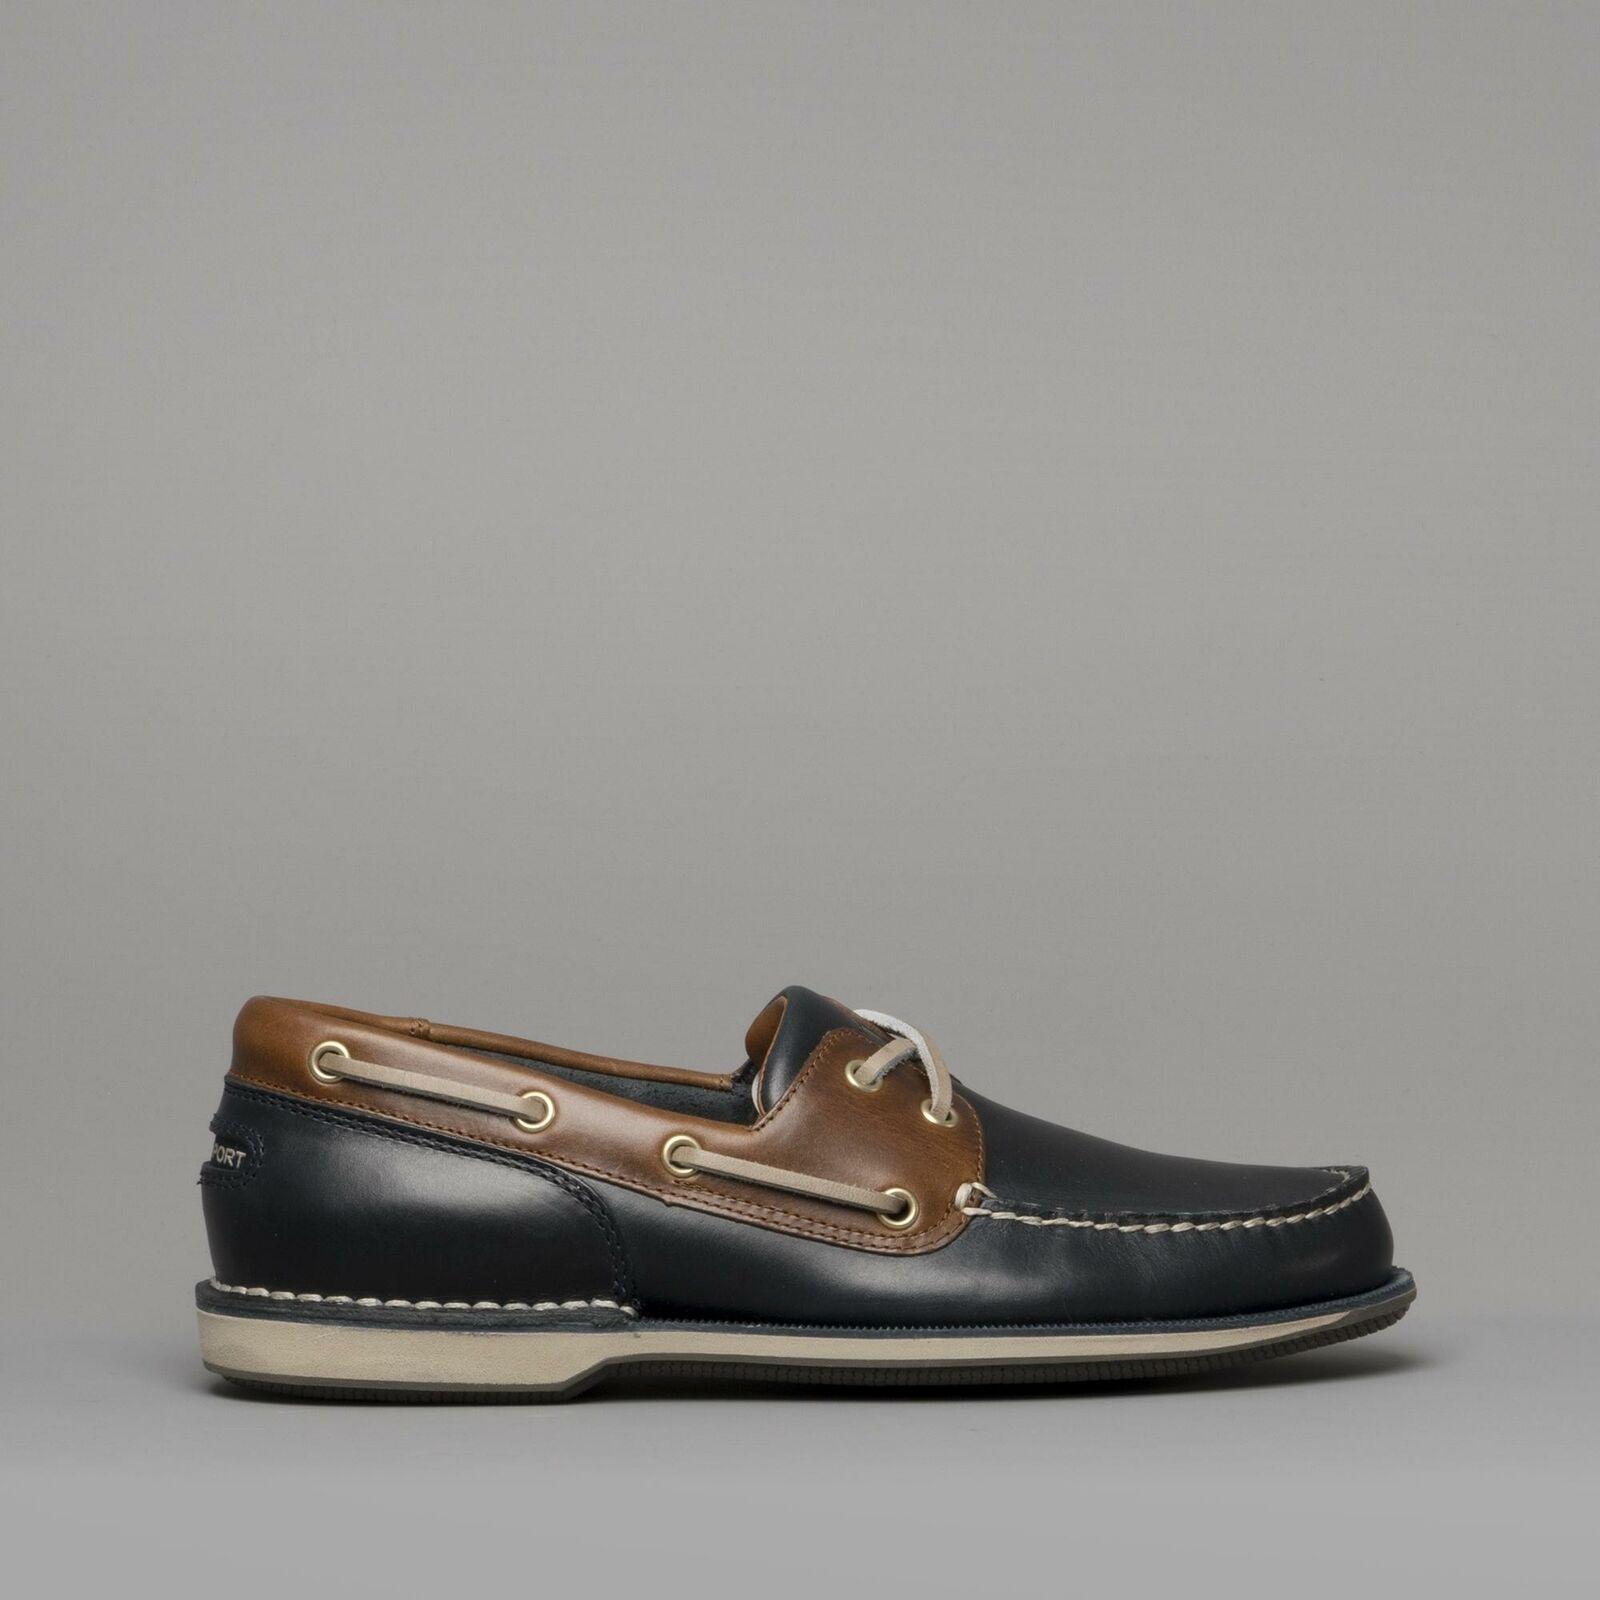 Rockport PERTH Homme En Cuir Mocassin chaussures Bateau bleu Marine foncé Tan